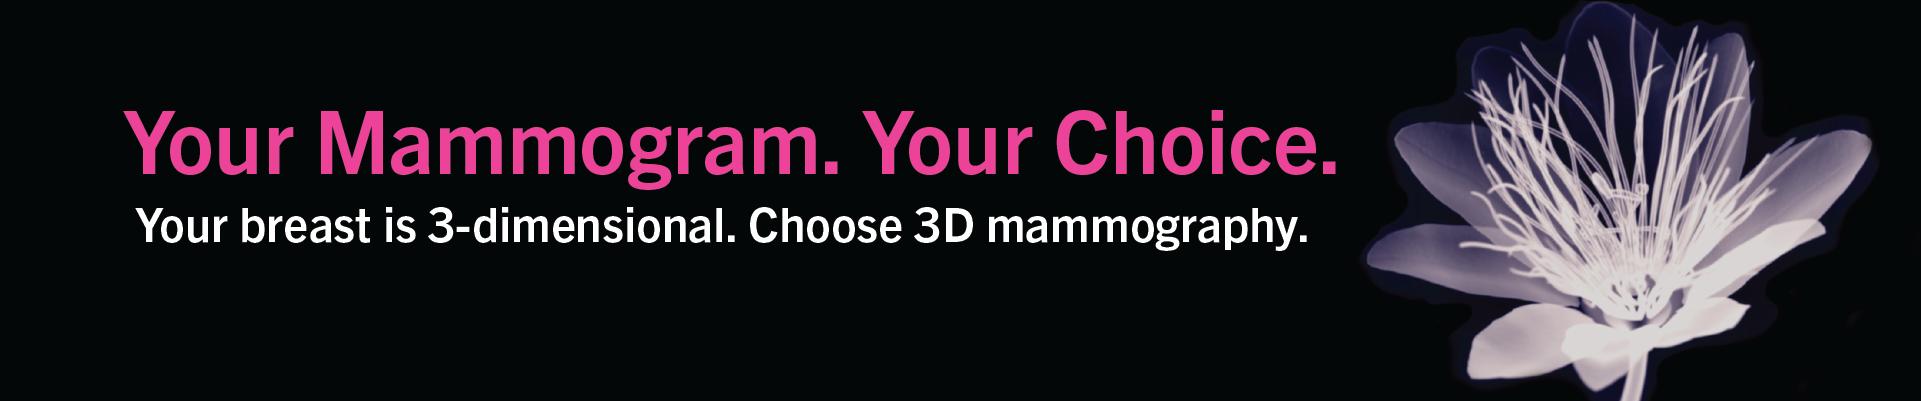 Choose 3D mammography